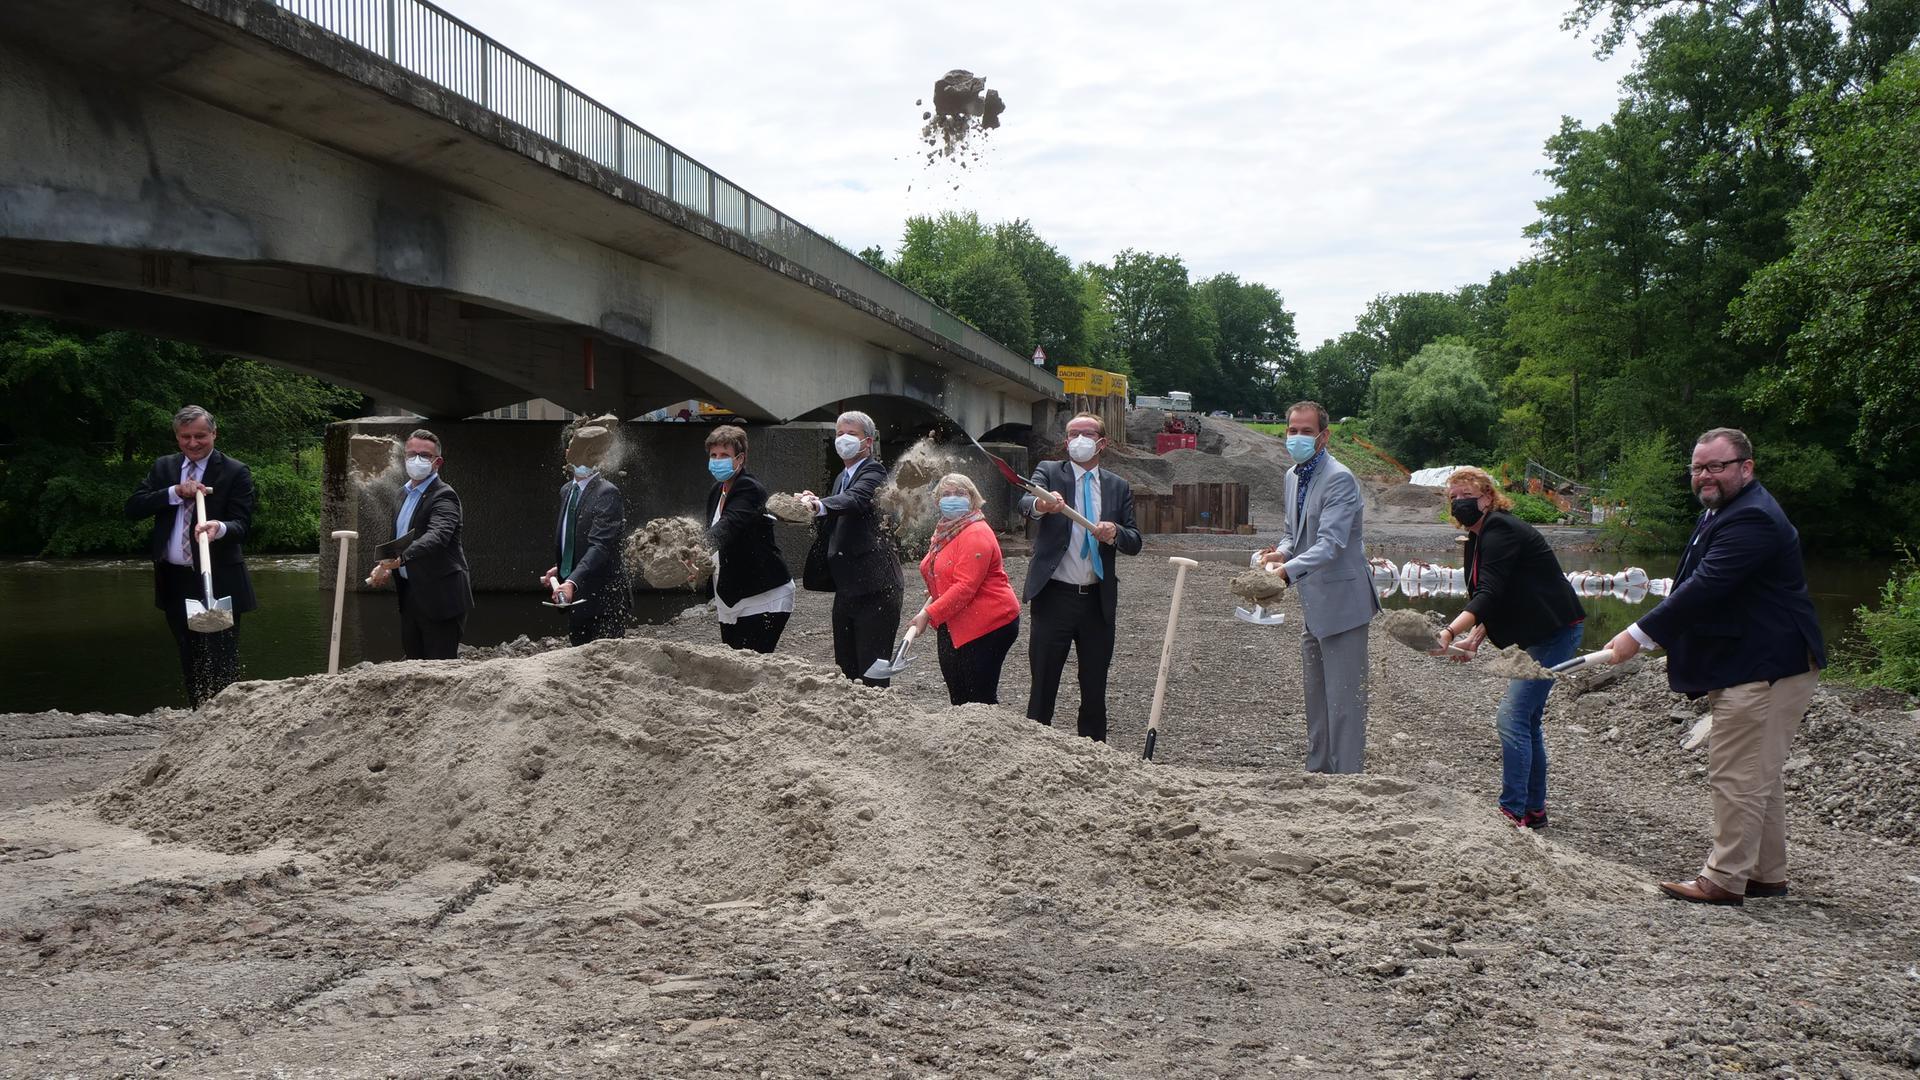 Begleitet von Politprominenz aus Bund und Land fiel am Mittwoch der Startschuss zum Ersatzneubau der Enzbrücke